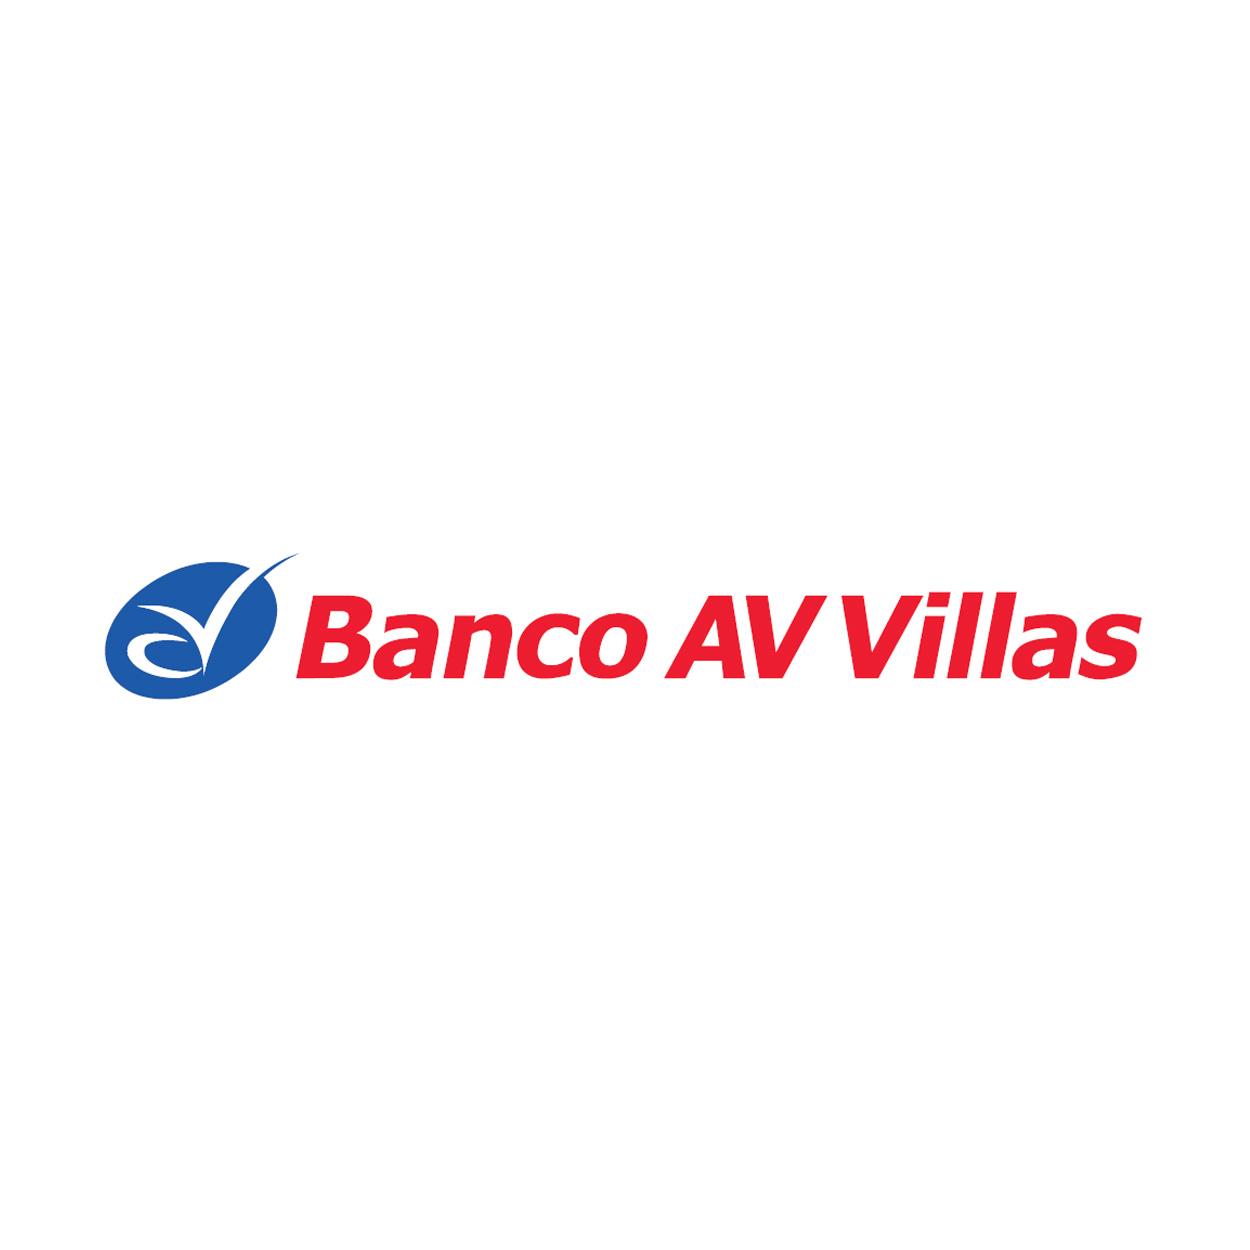 Banco AV Villas Logo photo - 1